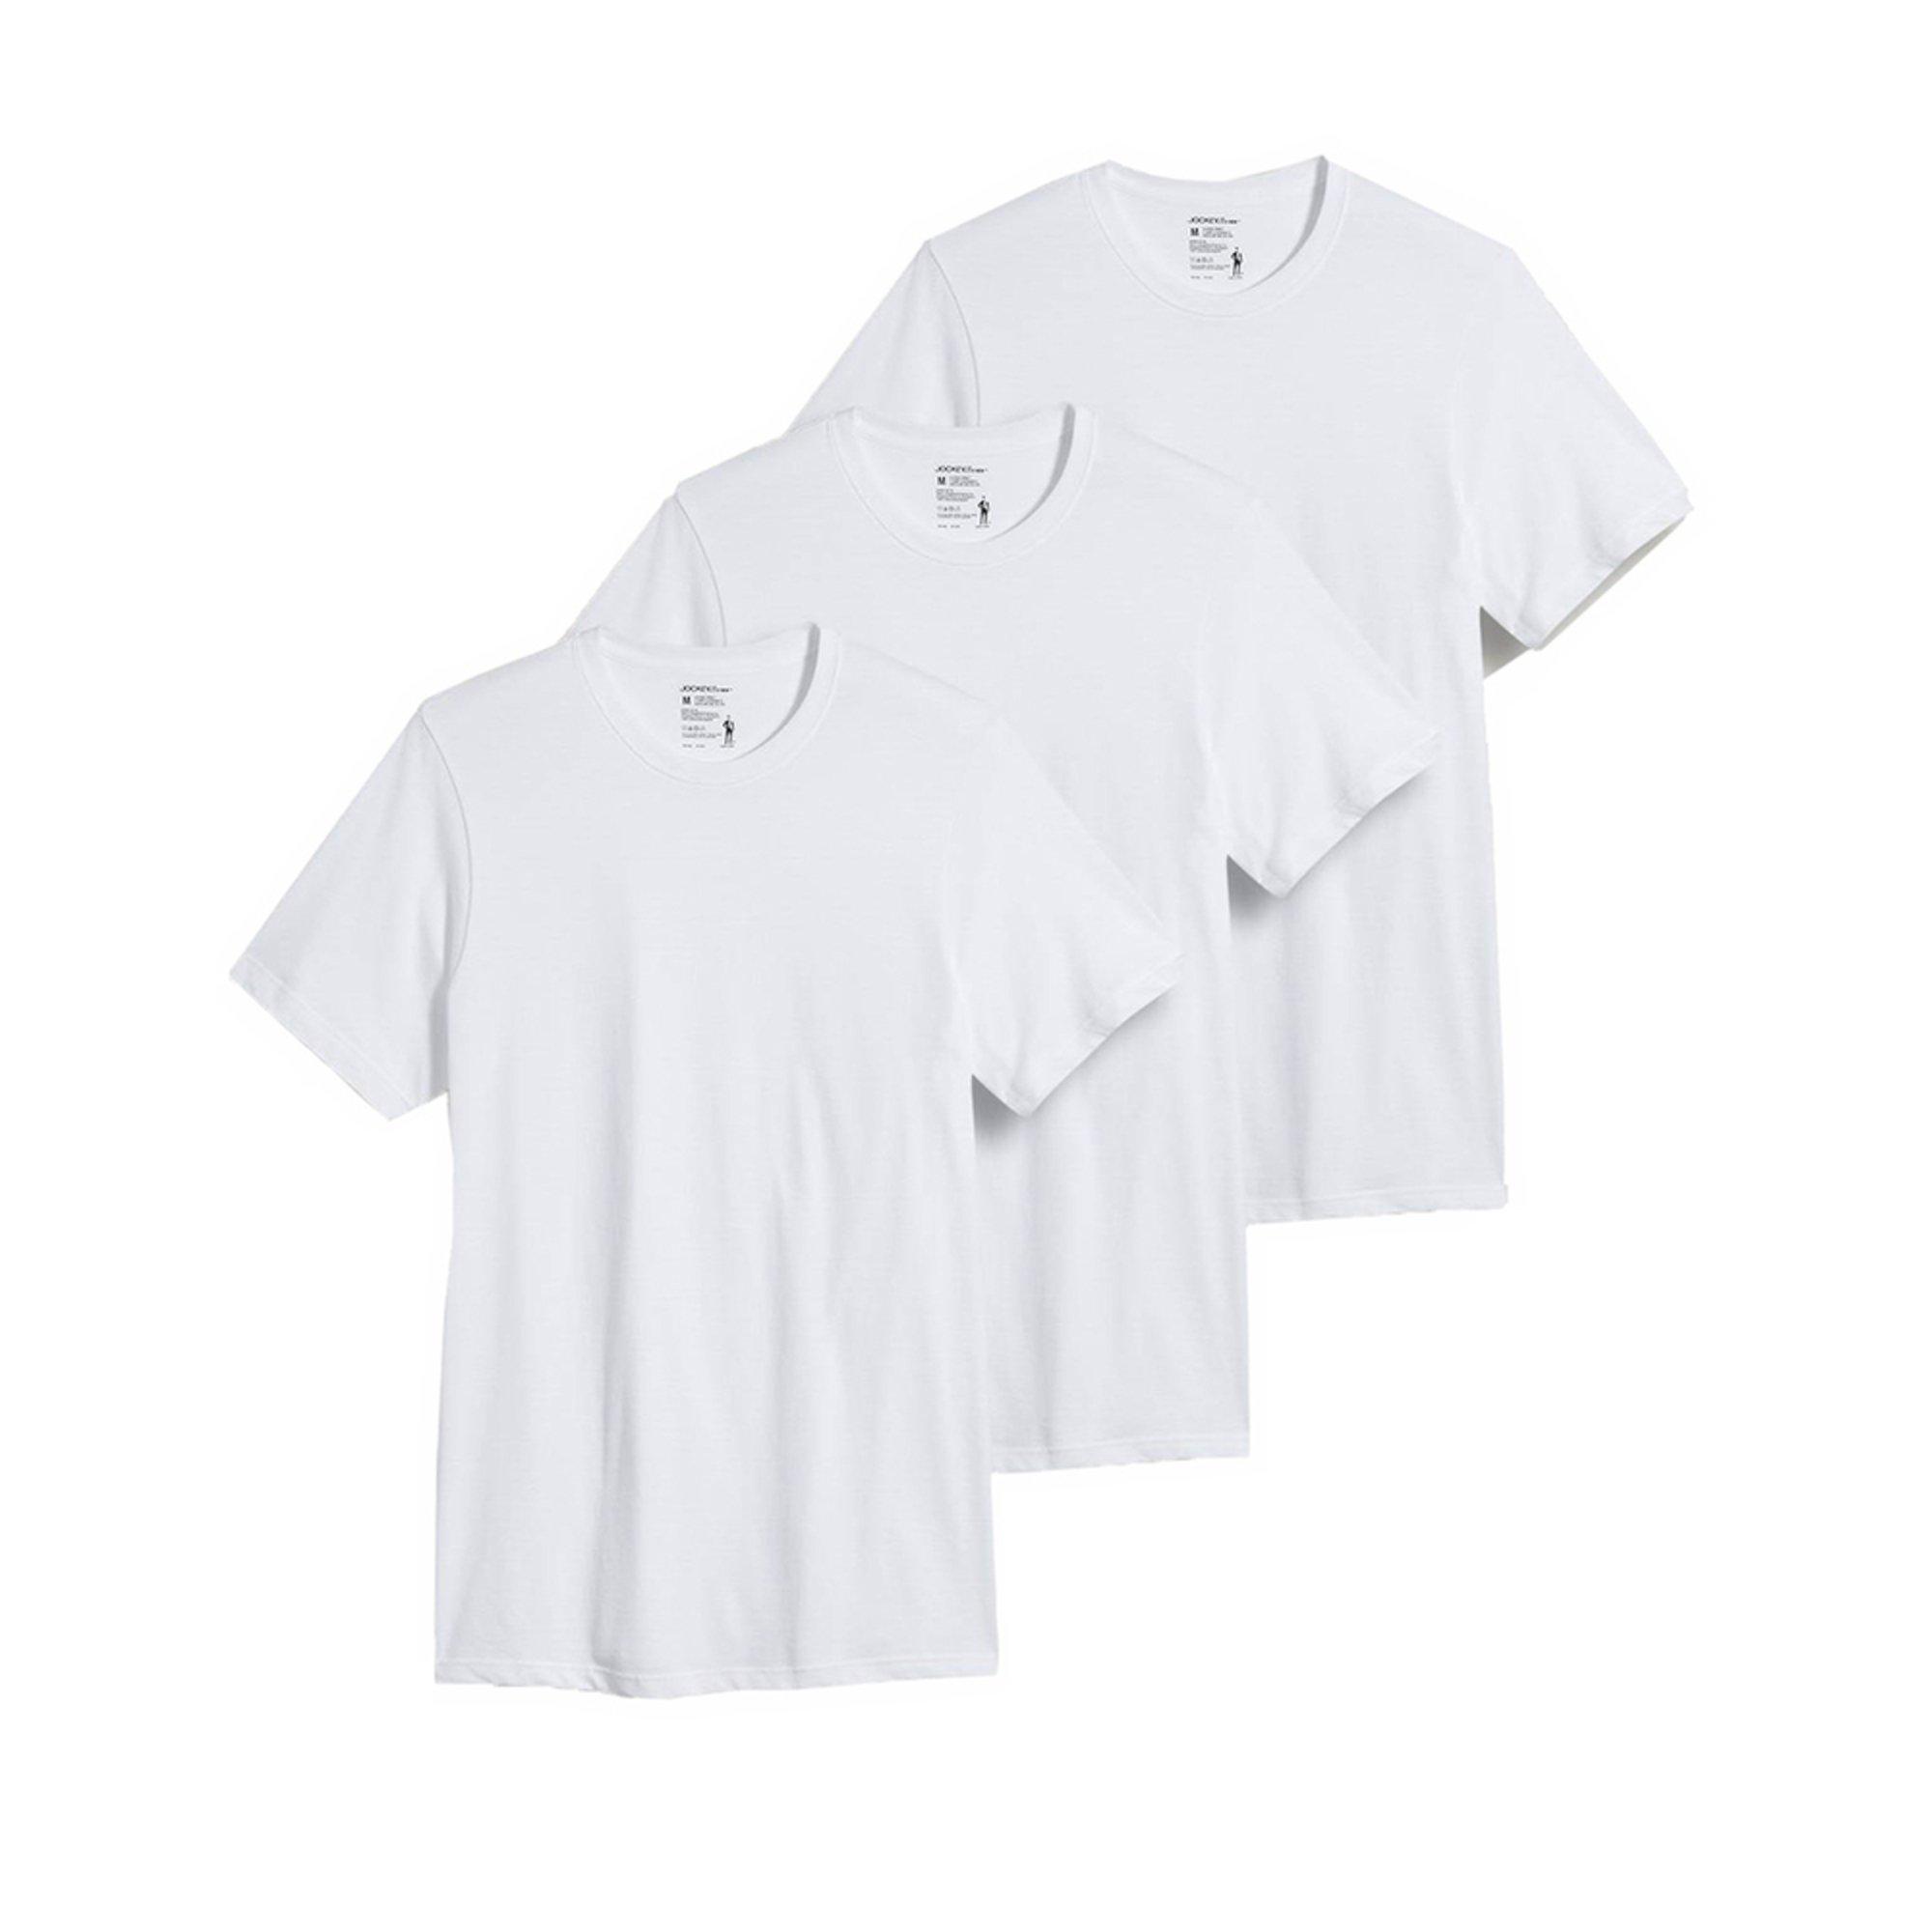 e74b7c59 Jockey Men's Crew Neck T-shirt 3-pack - White | Men's Underwear ...